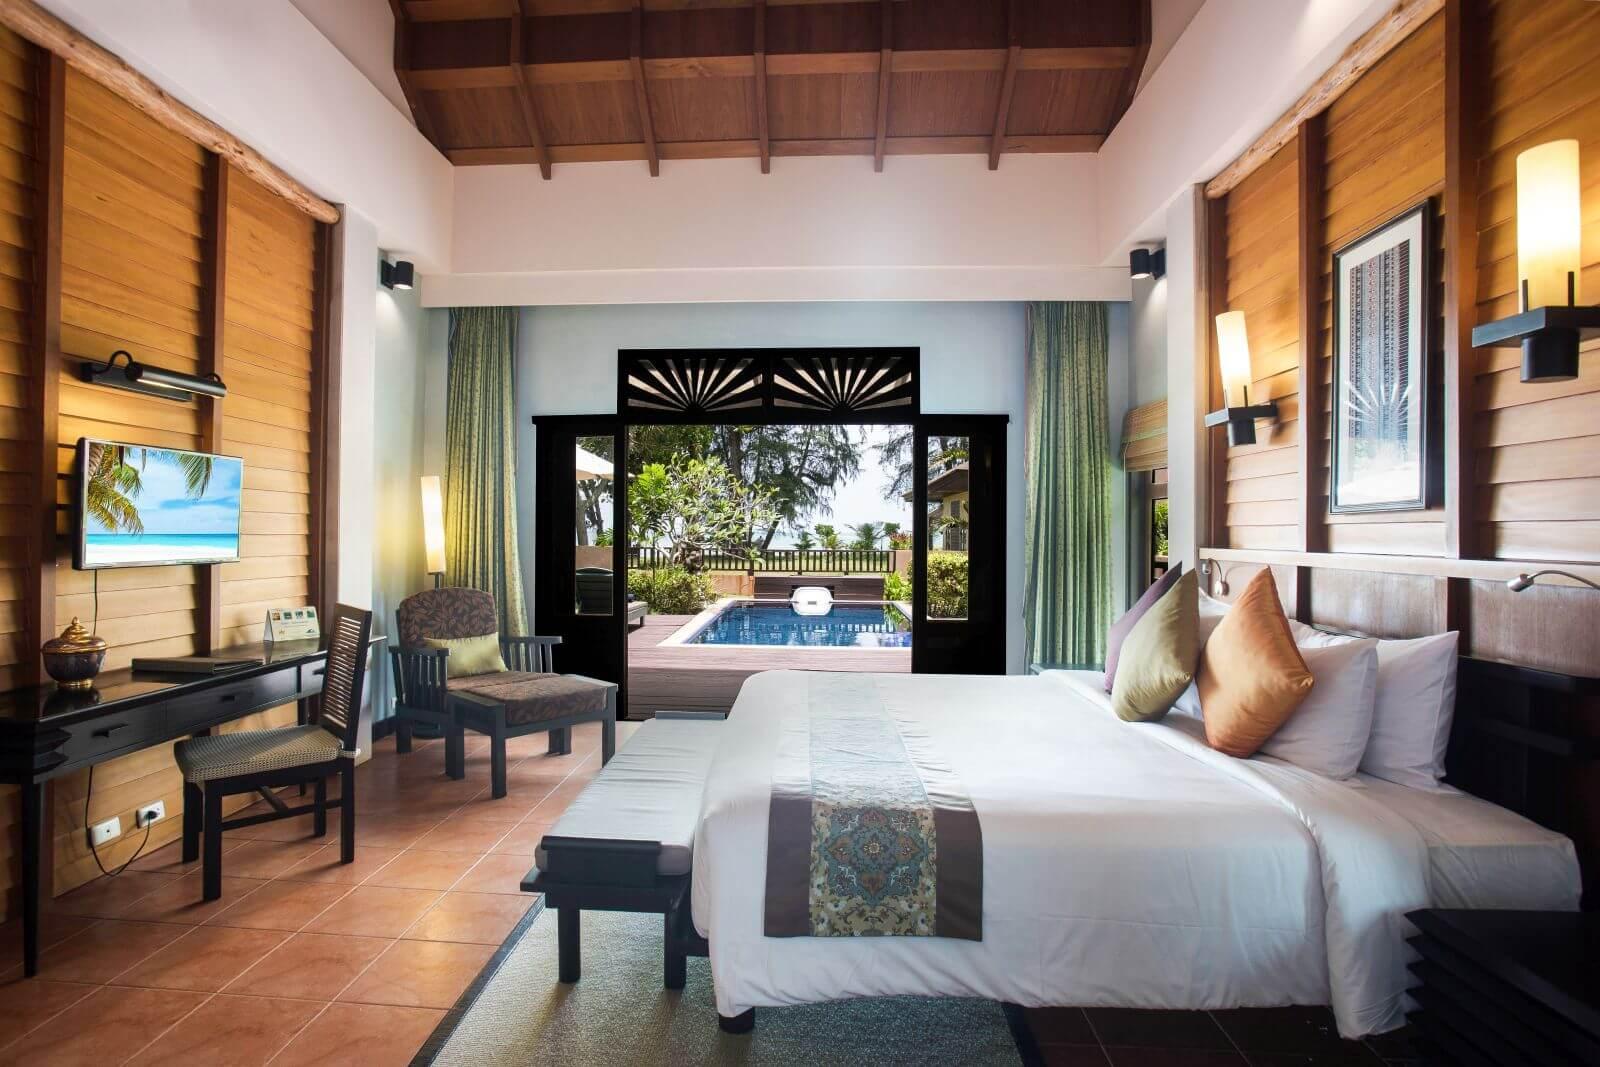 Phòng ngủ của biệt thự với sự thoáng mát, hướng ra bể bơi